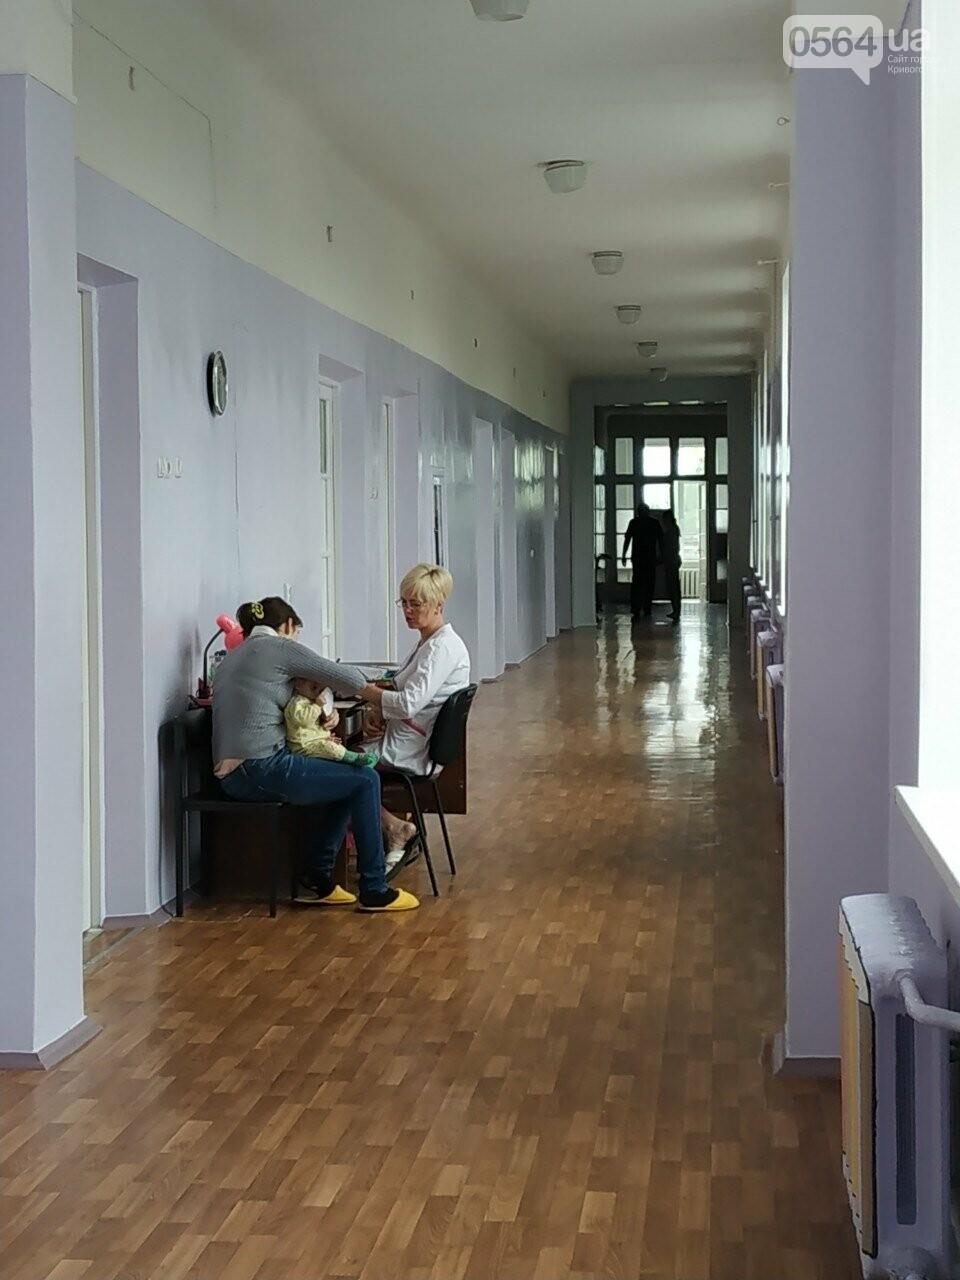 Стало известно, куда подевался мэр Кривого Рога после объявления перерыва в сессии, - ФОТО, фото-2